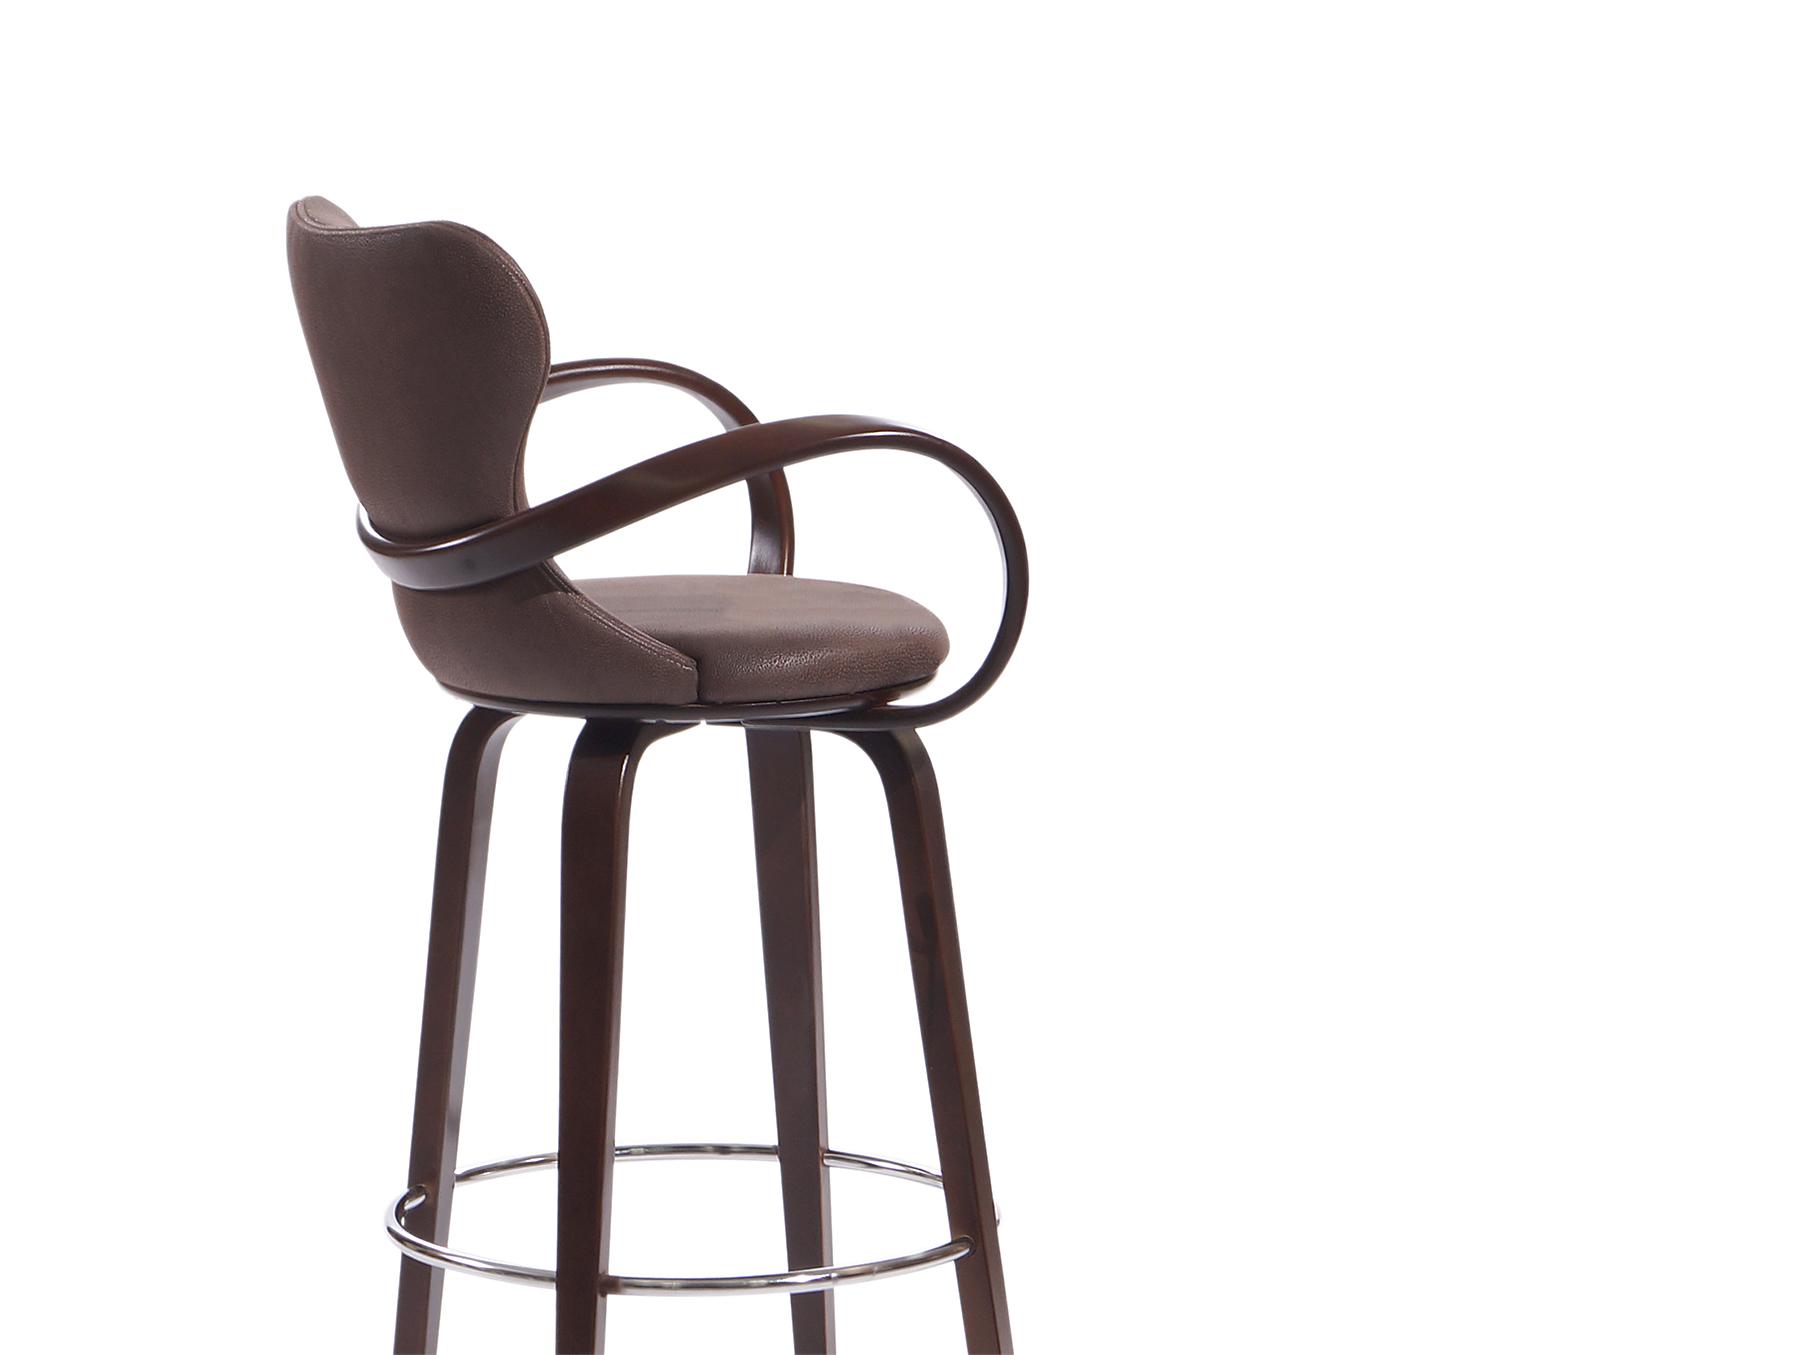 высокий барный стул со спинкой